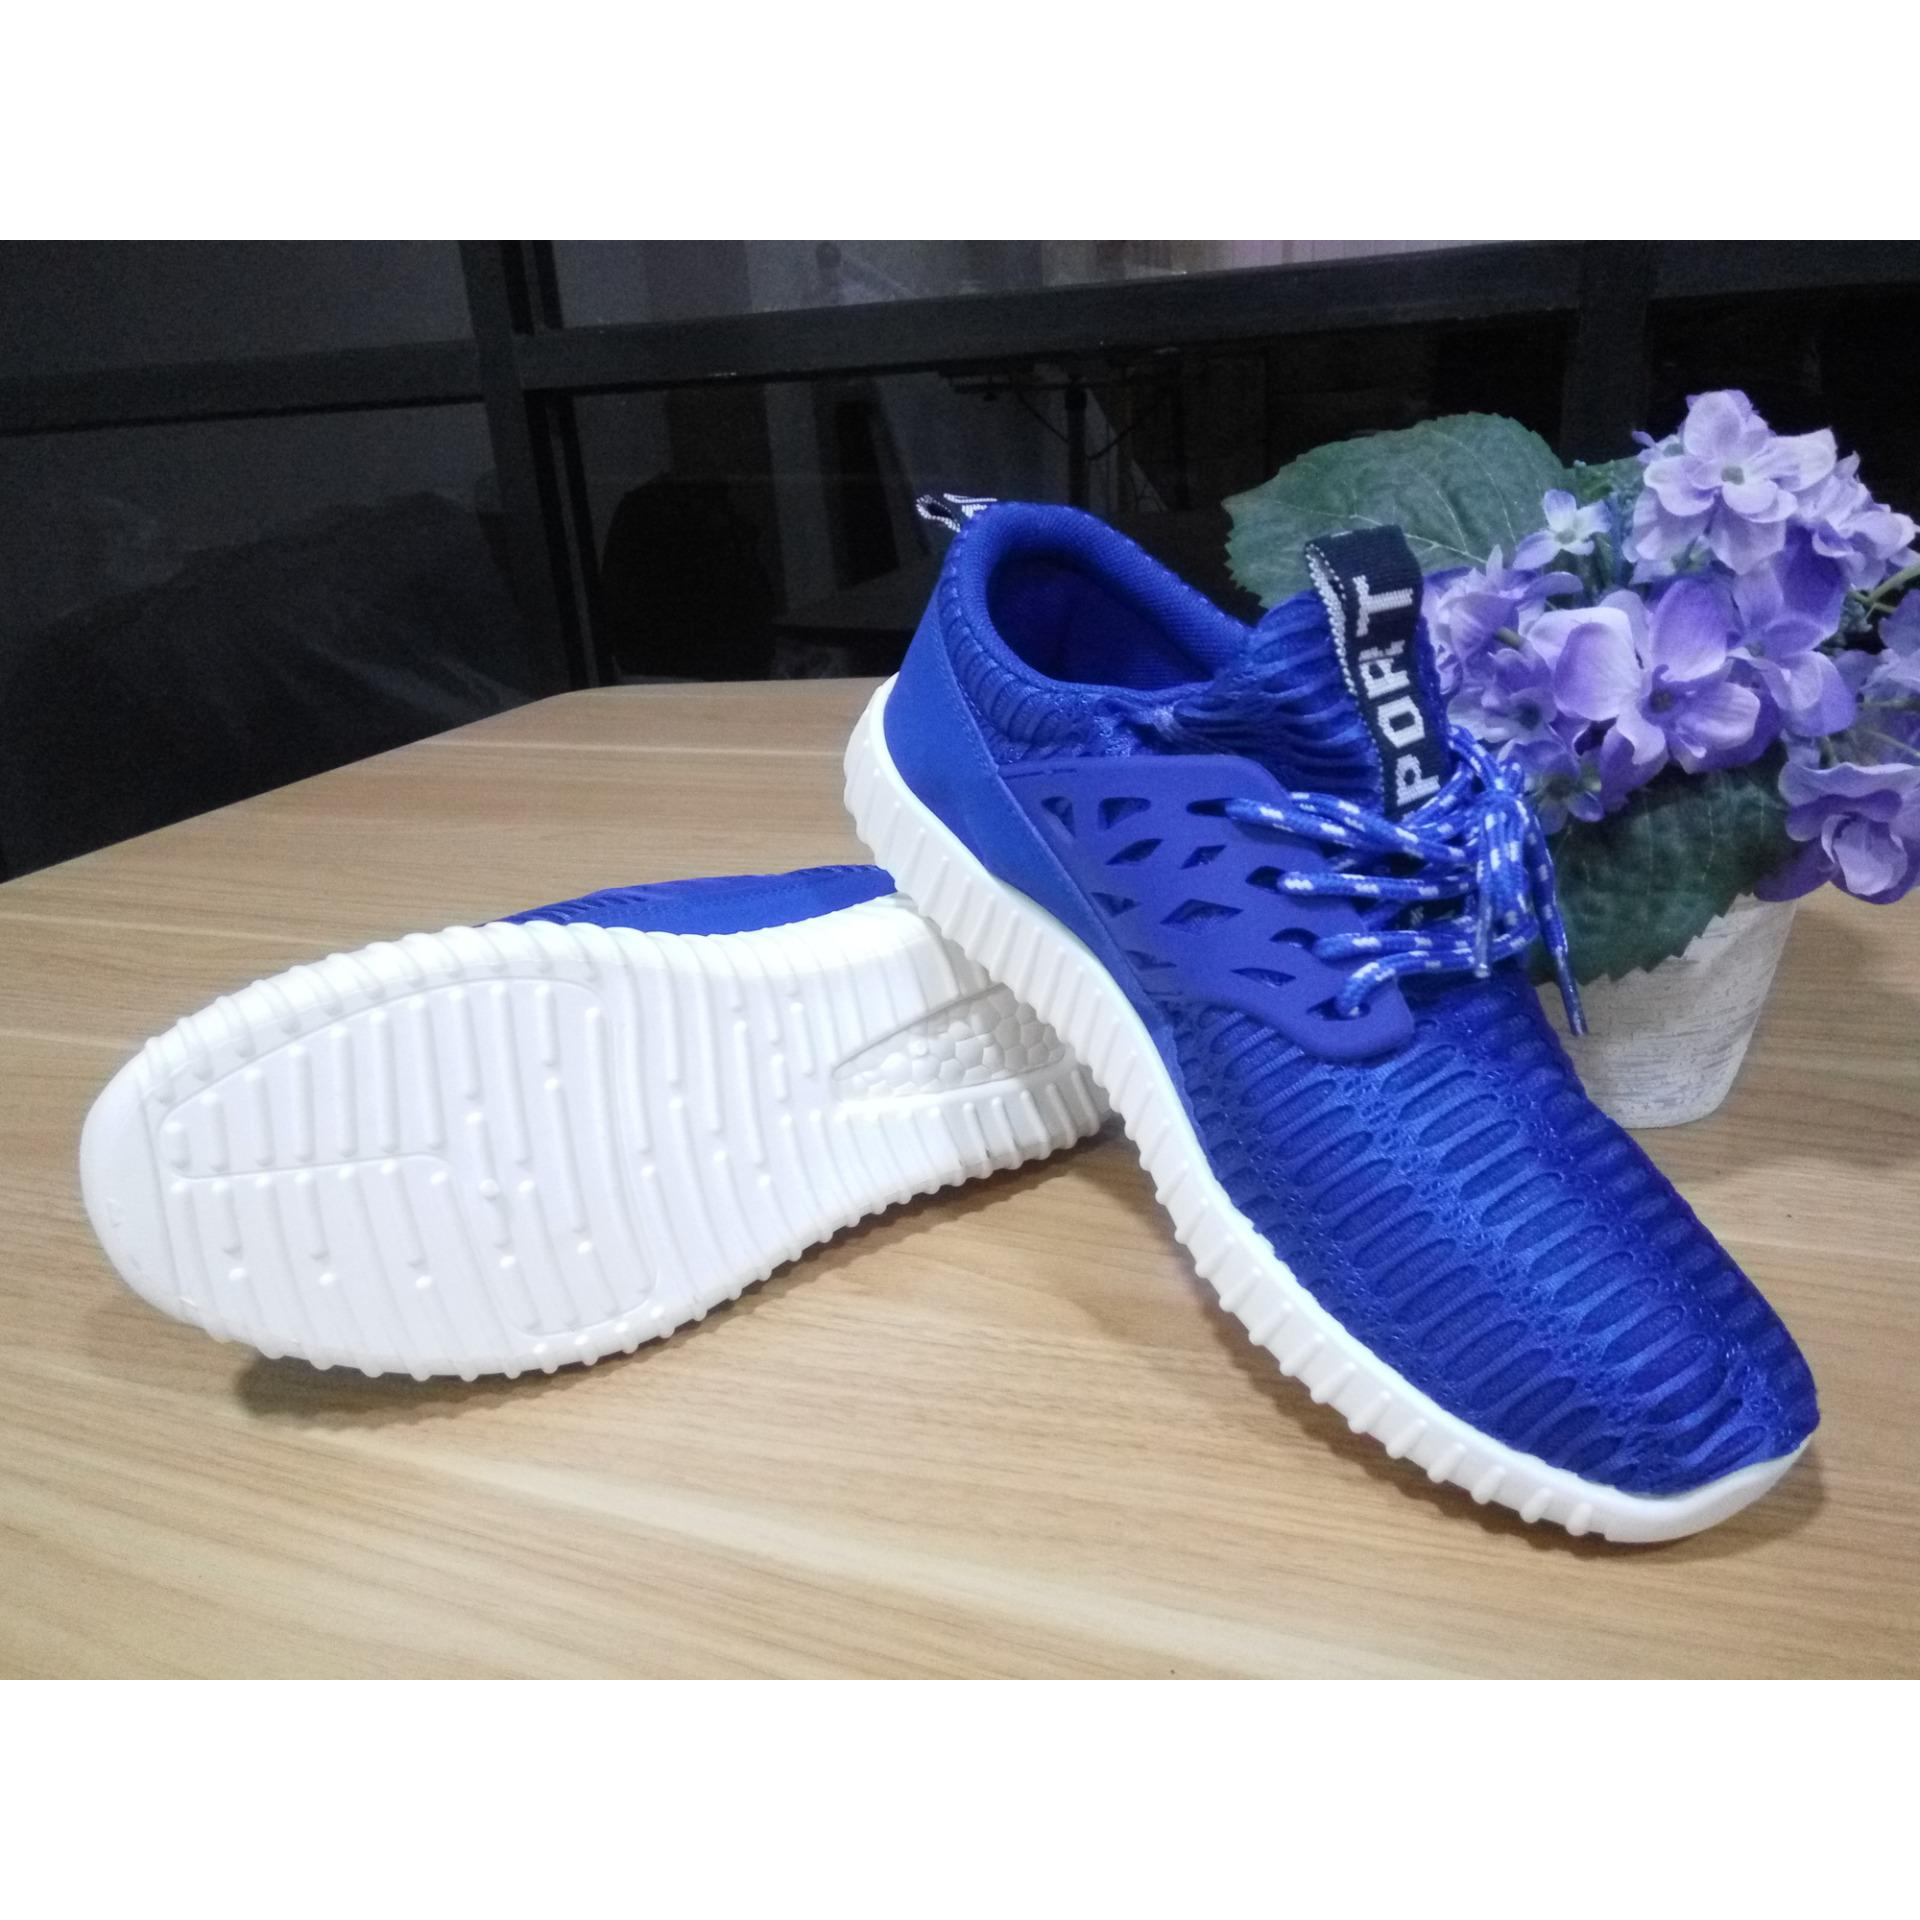 Sneakers Pria Import Korea Blue Merlin Murah Di Dki Jakarta